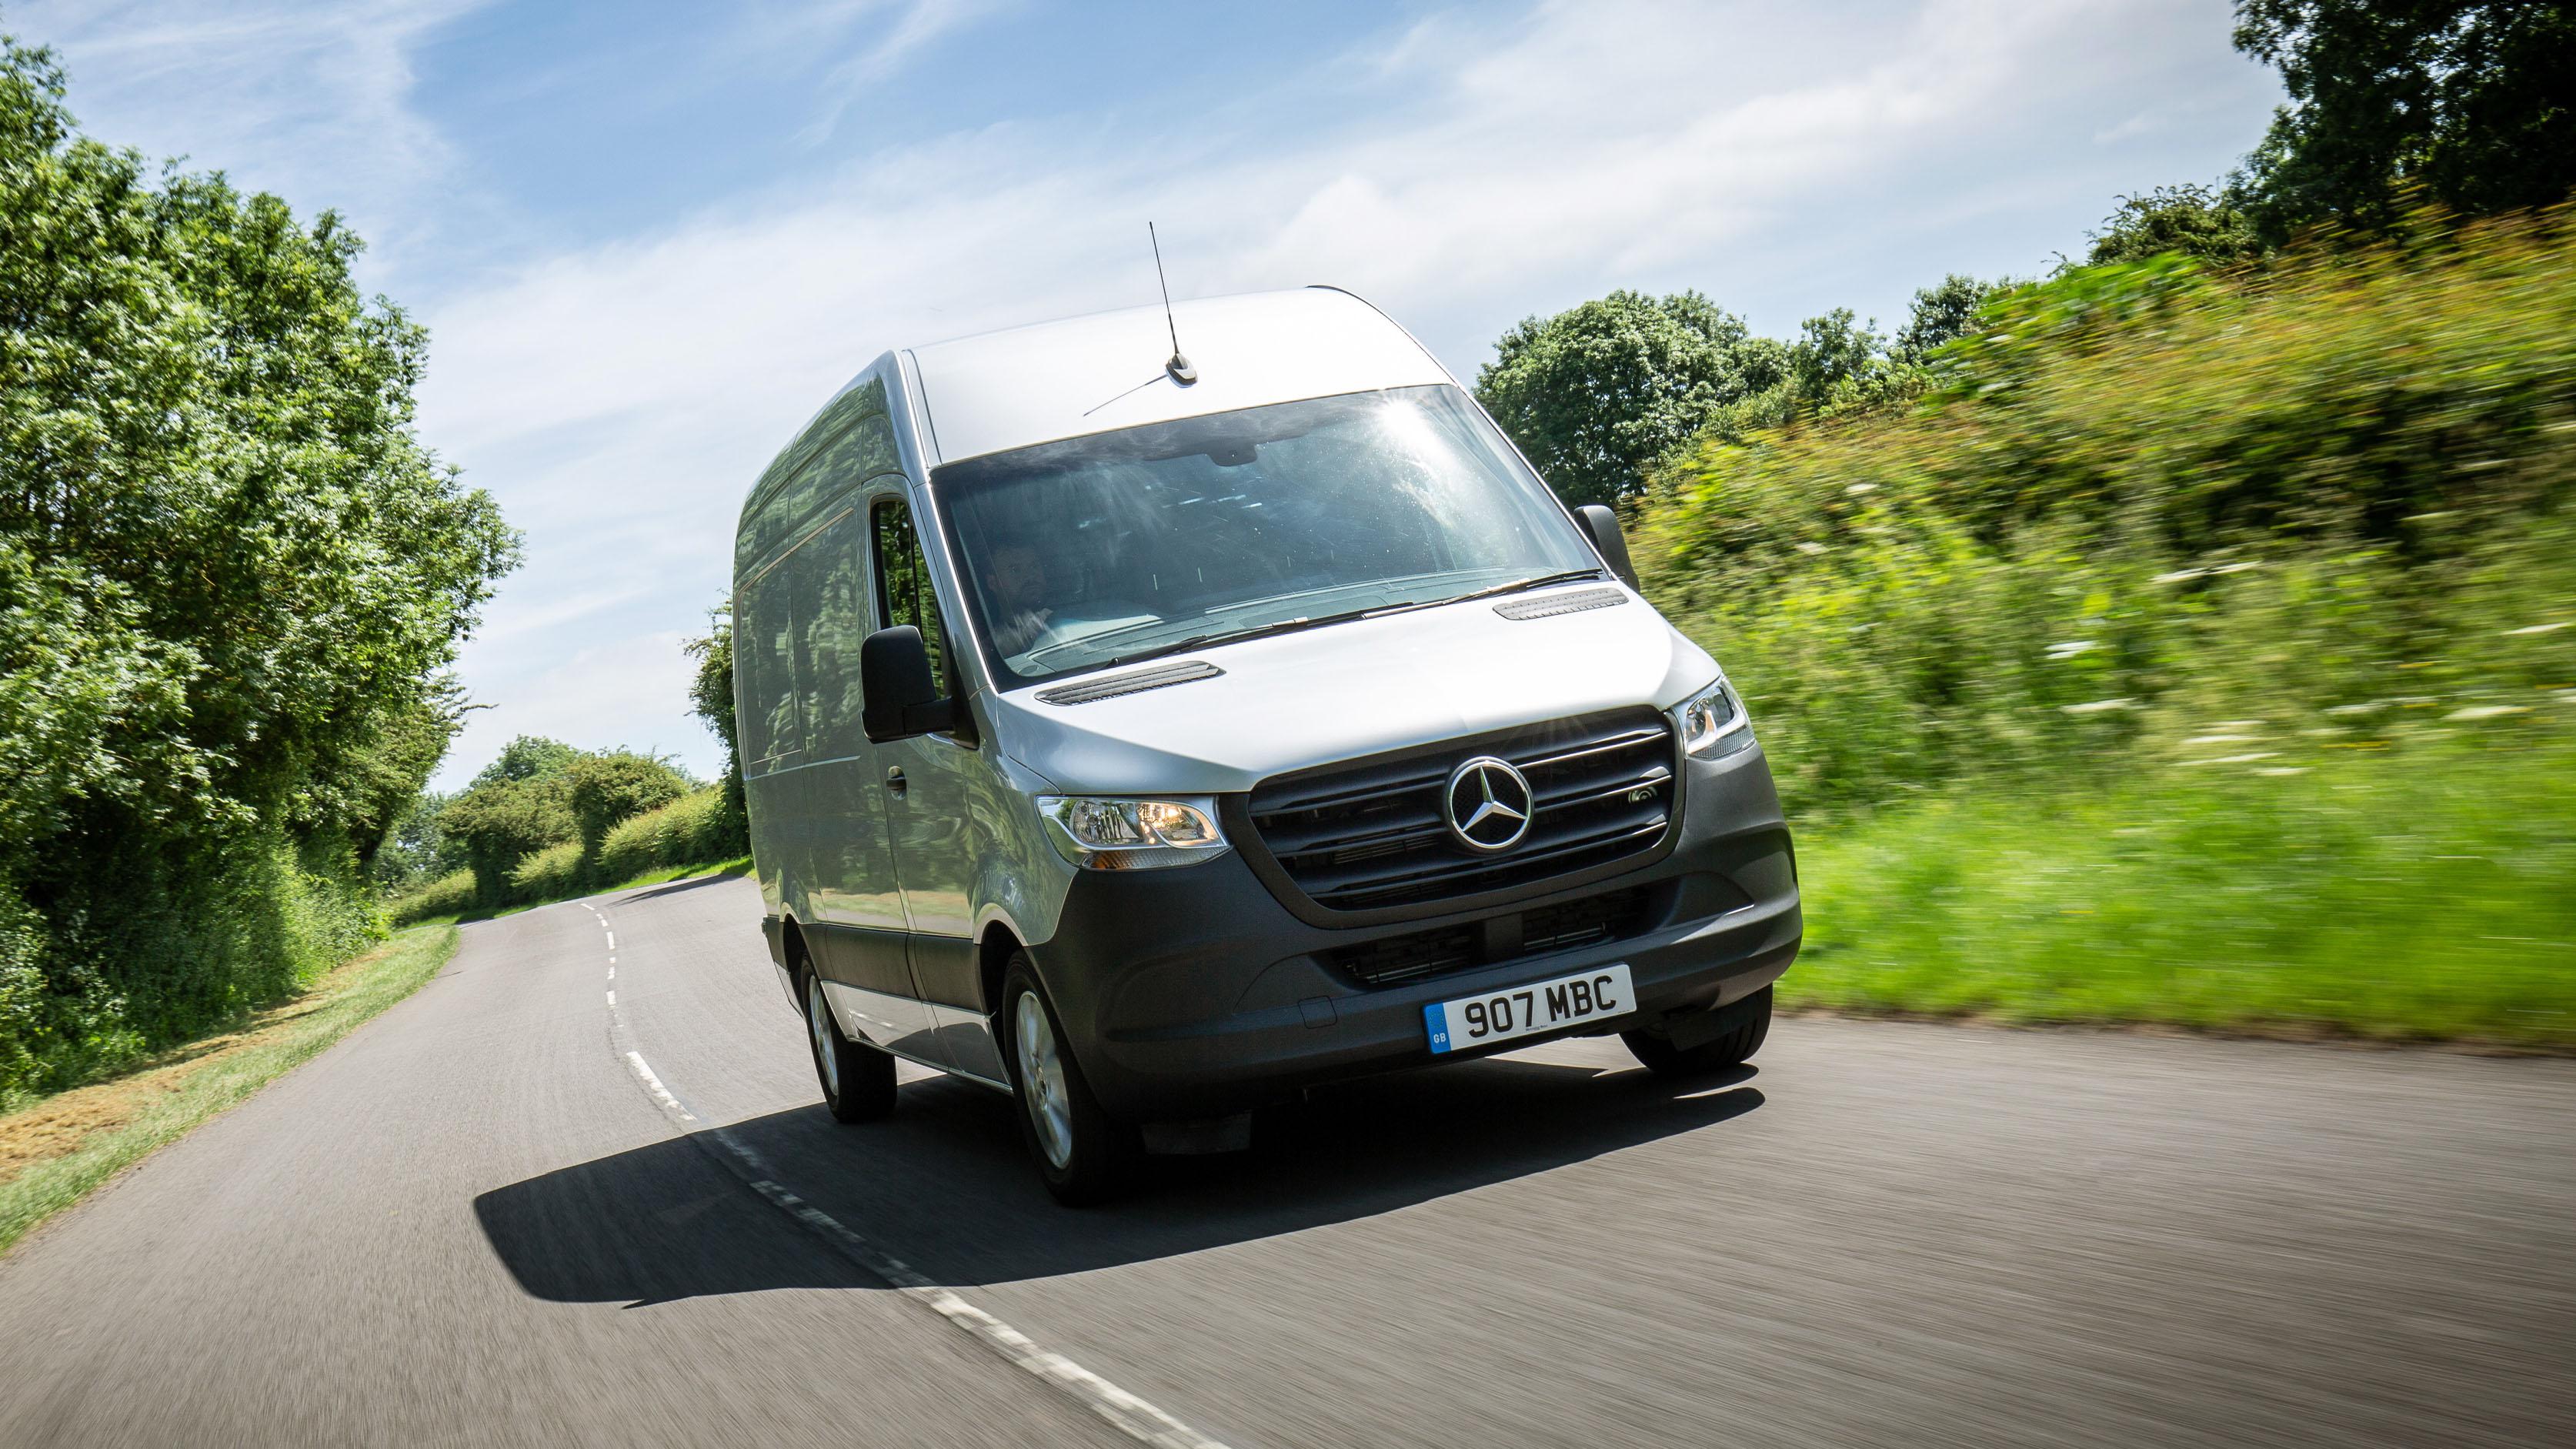 b988dfa995 Best vans to buy 2019